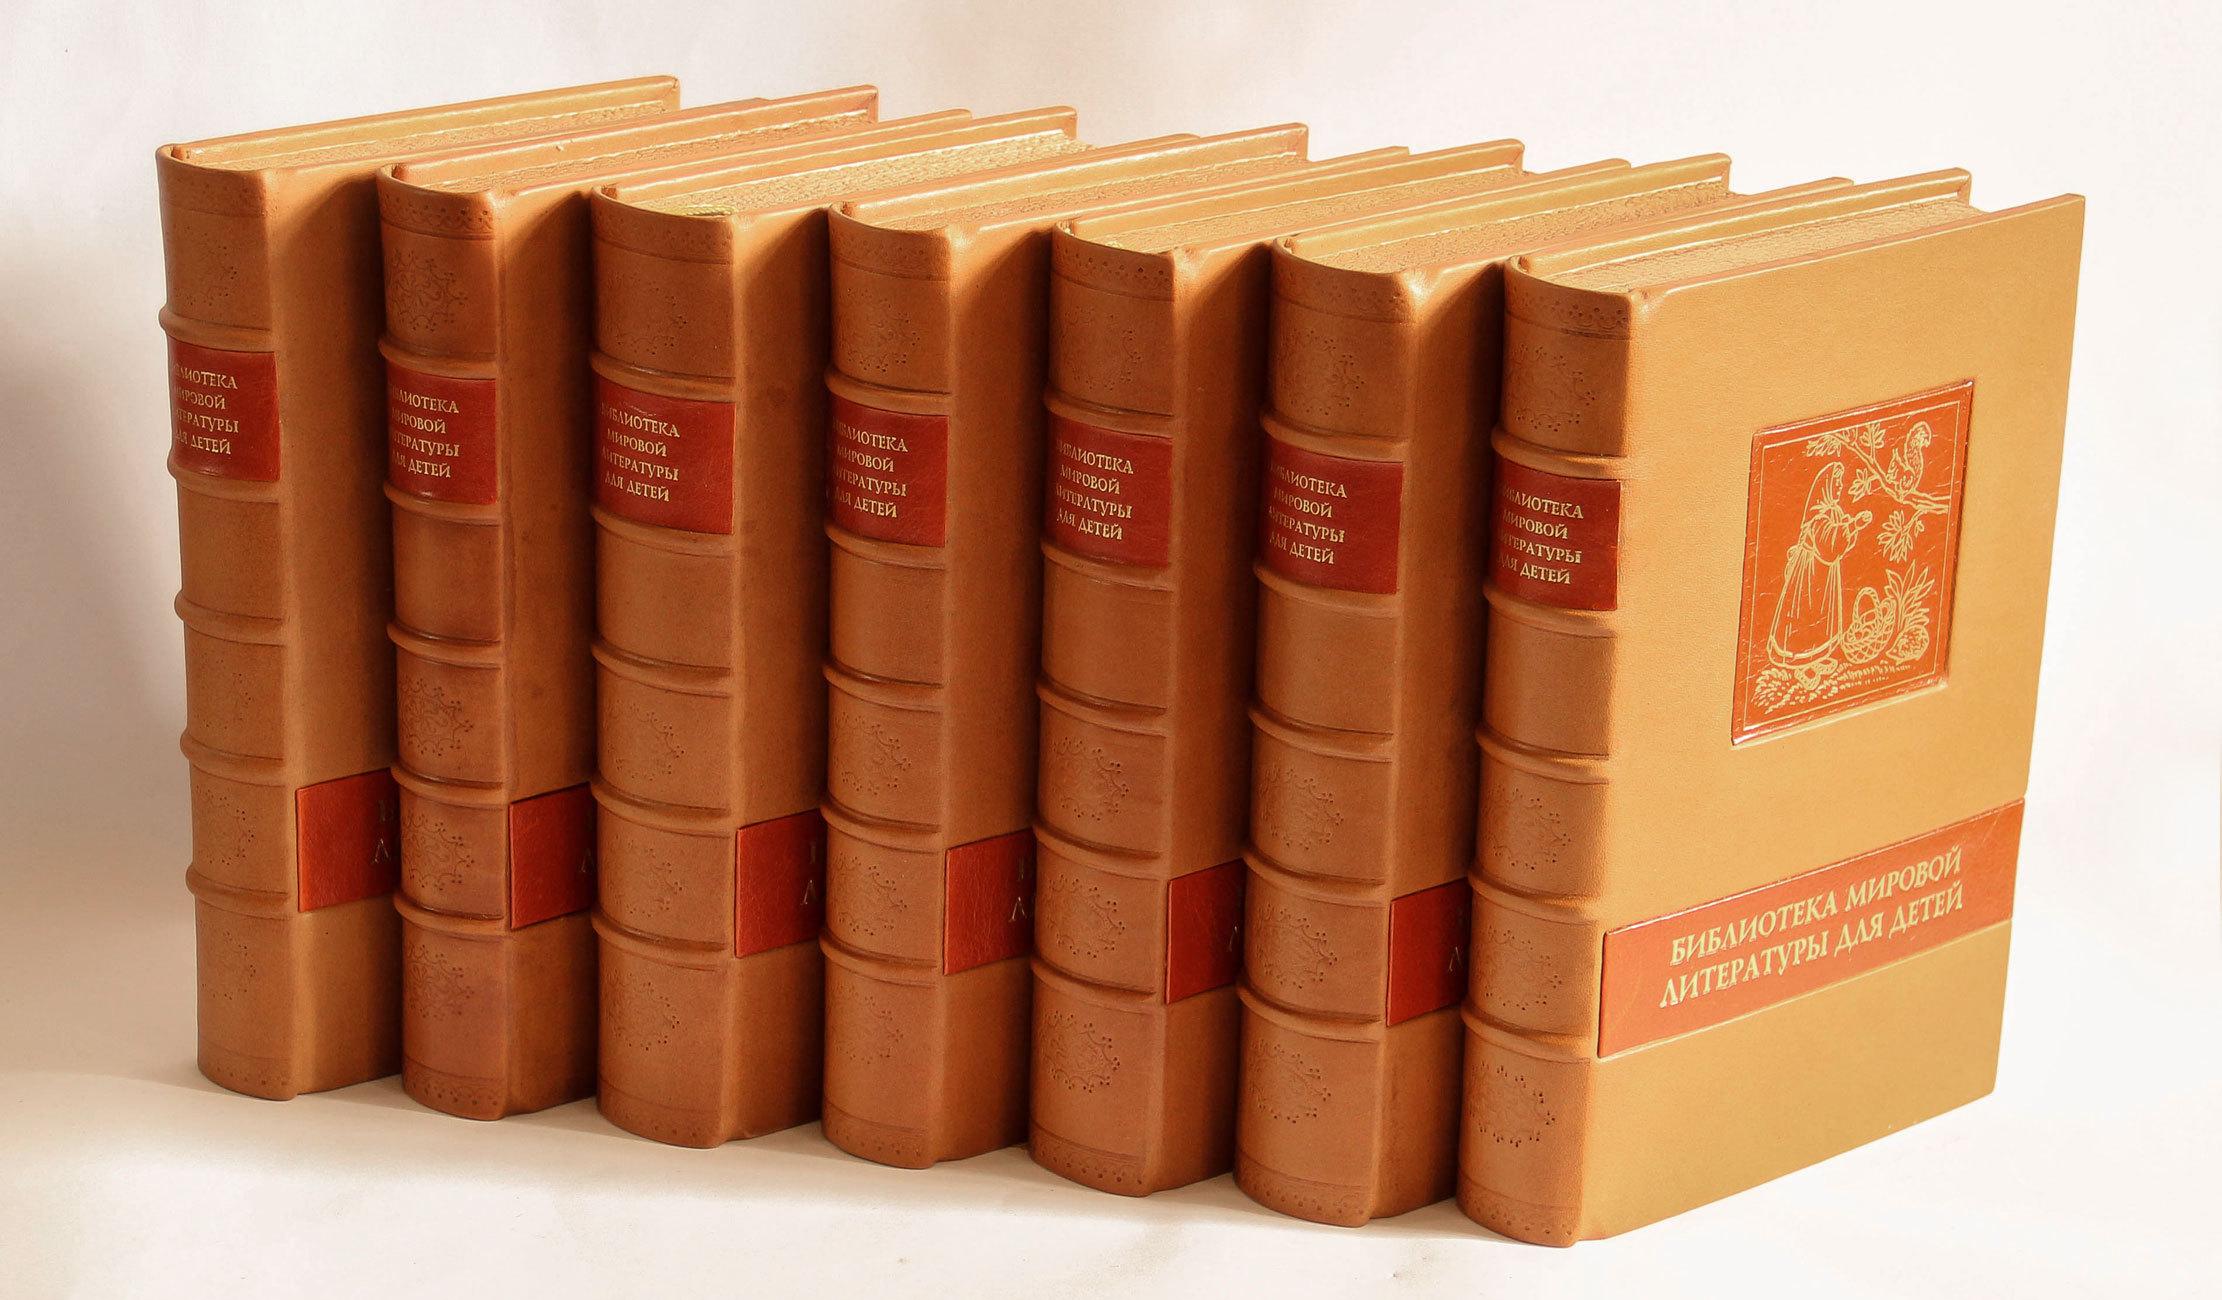 Для детей торрент библиотека литературы мировой